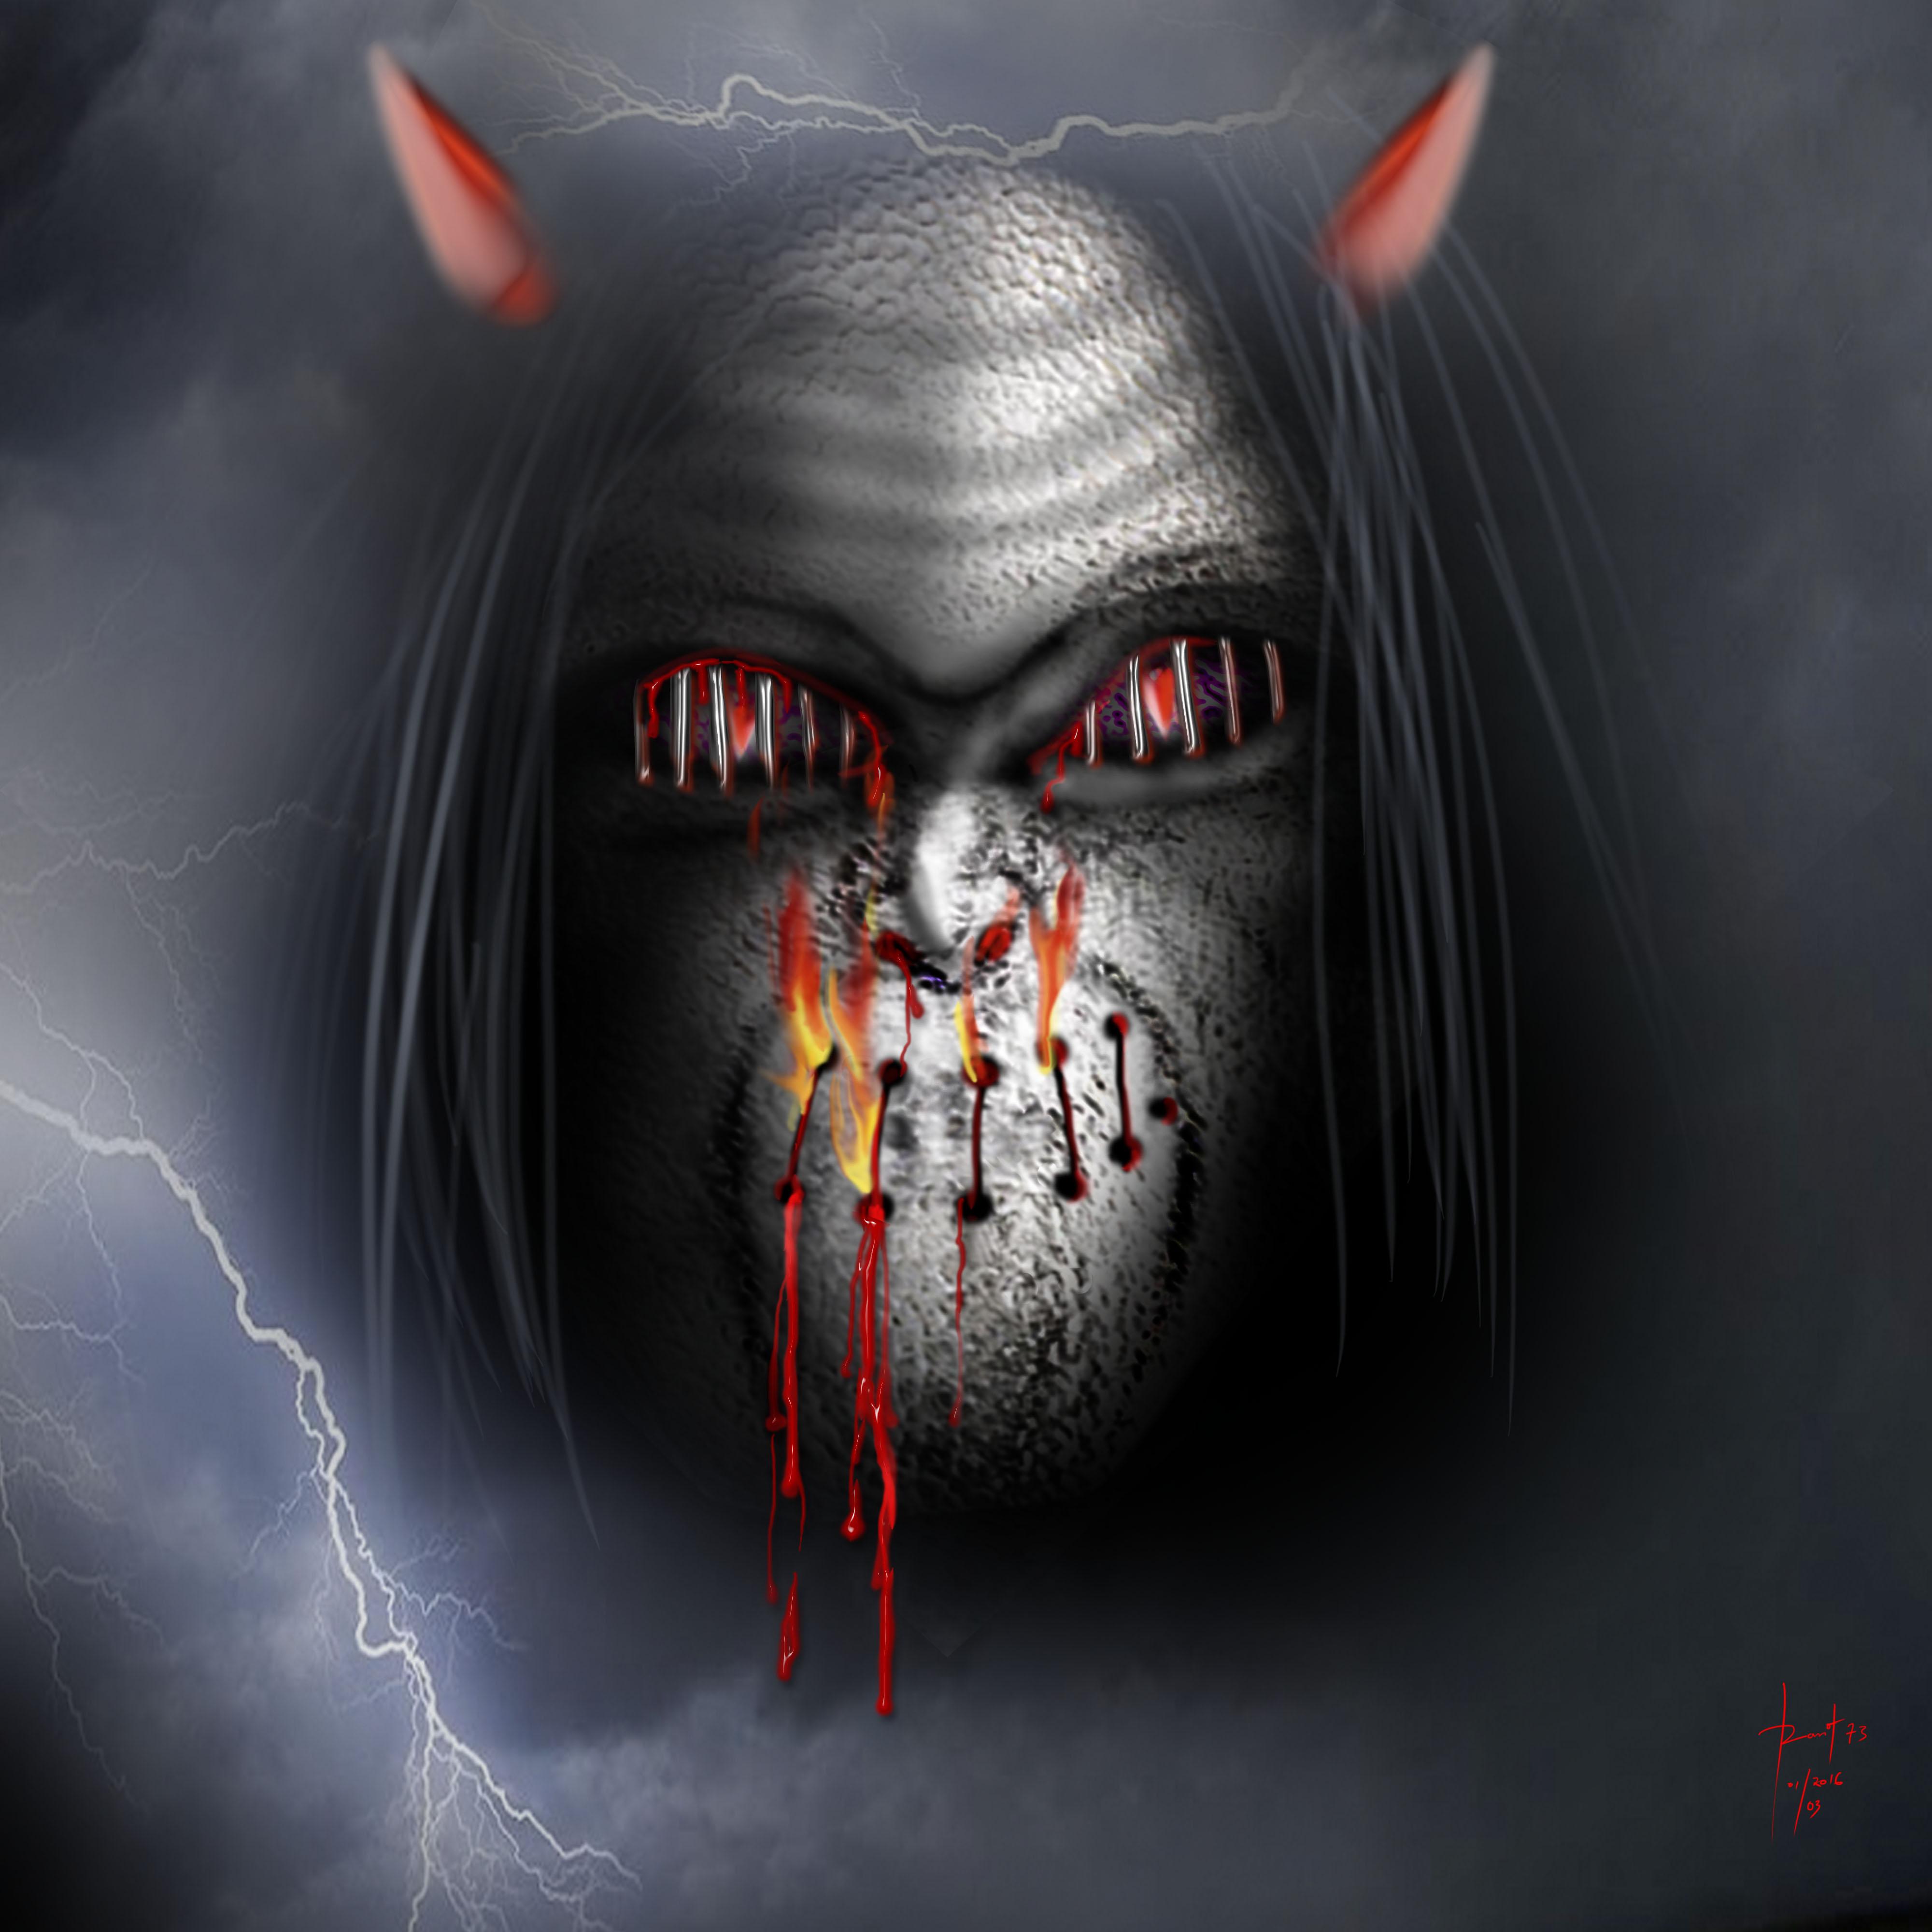 hình ảnh : bóng tối, hình minh họa, kinh ngạc, đàn organ, Ác độc, Con quỷ, ác  quỷ, Dickens, Ma quỷ, Daemon, Ảnh chụp màn hình, hiệu ứng đặc biệt, ...